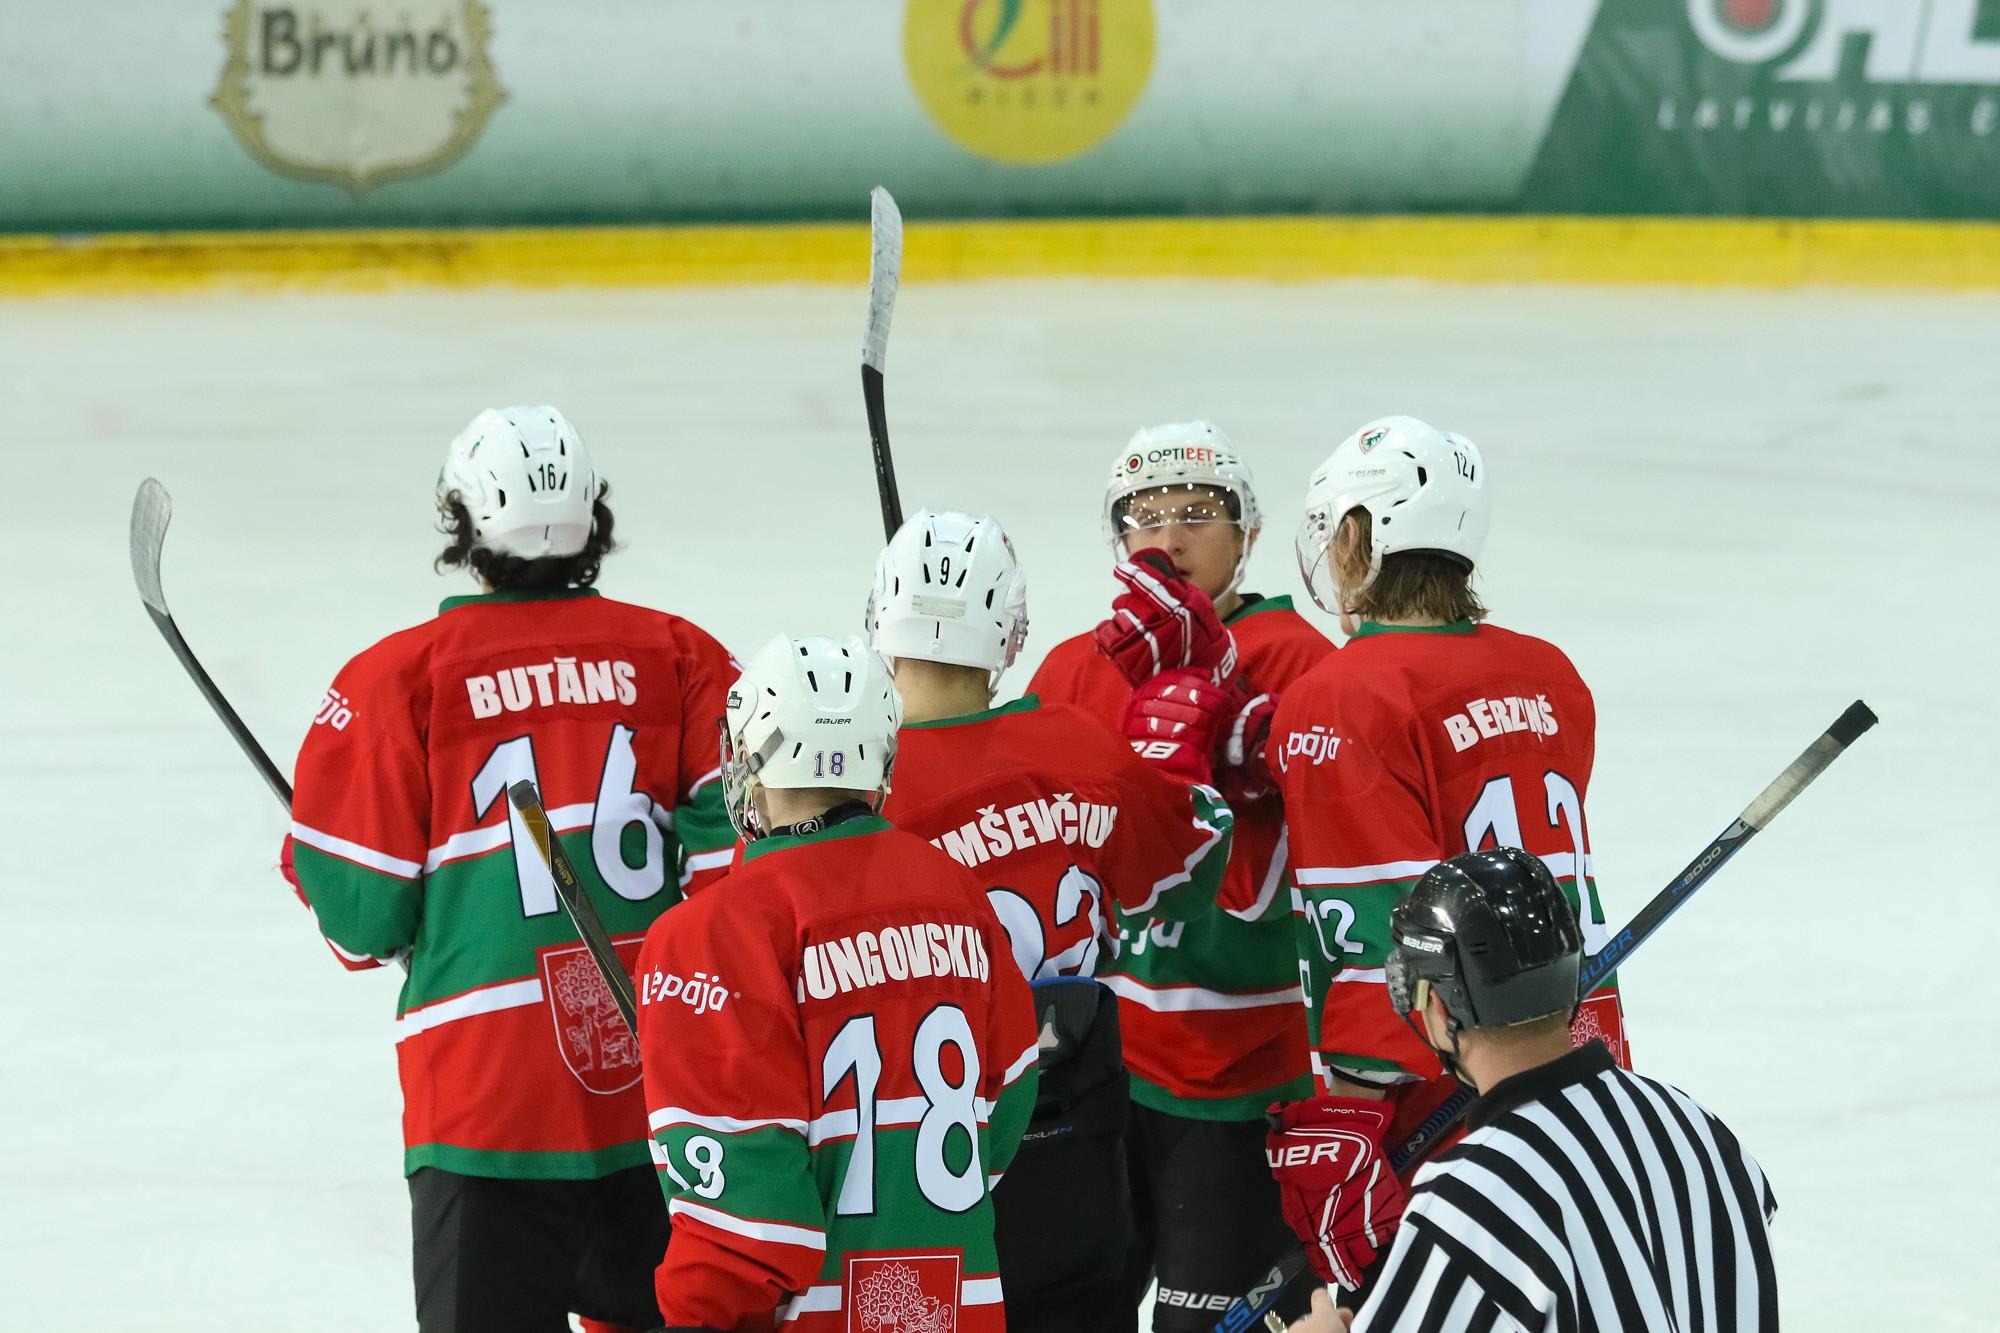 Jaunajiem hokejistiem ceturtā uzvara pēc kārtas